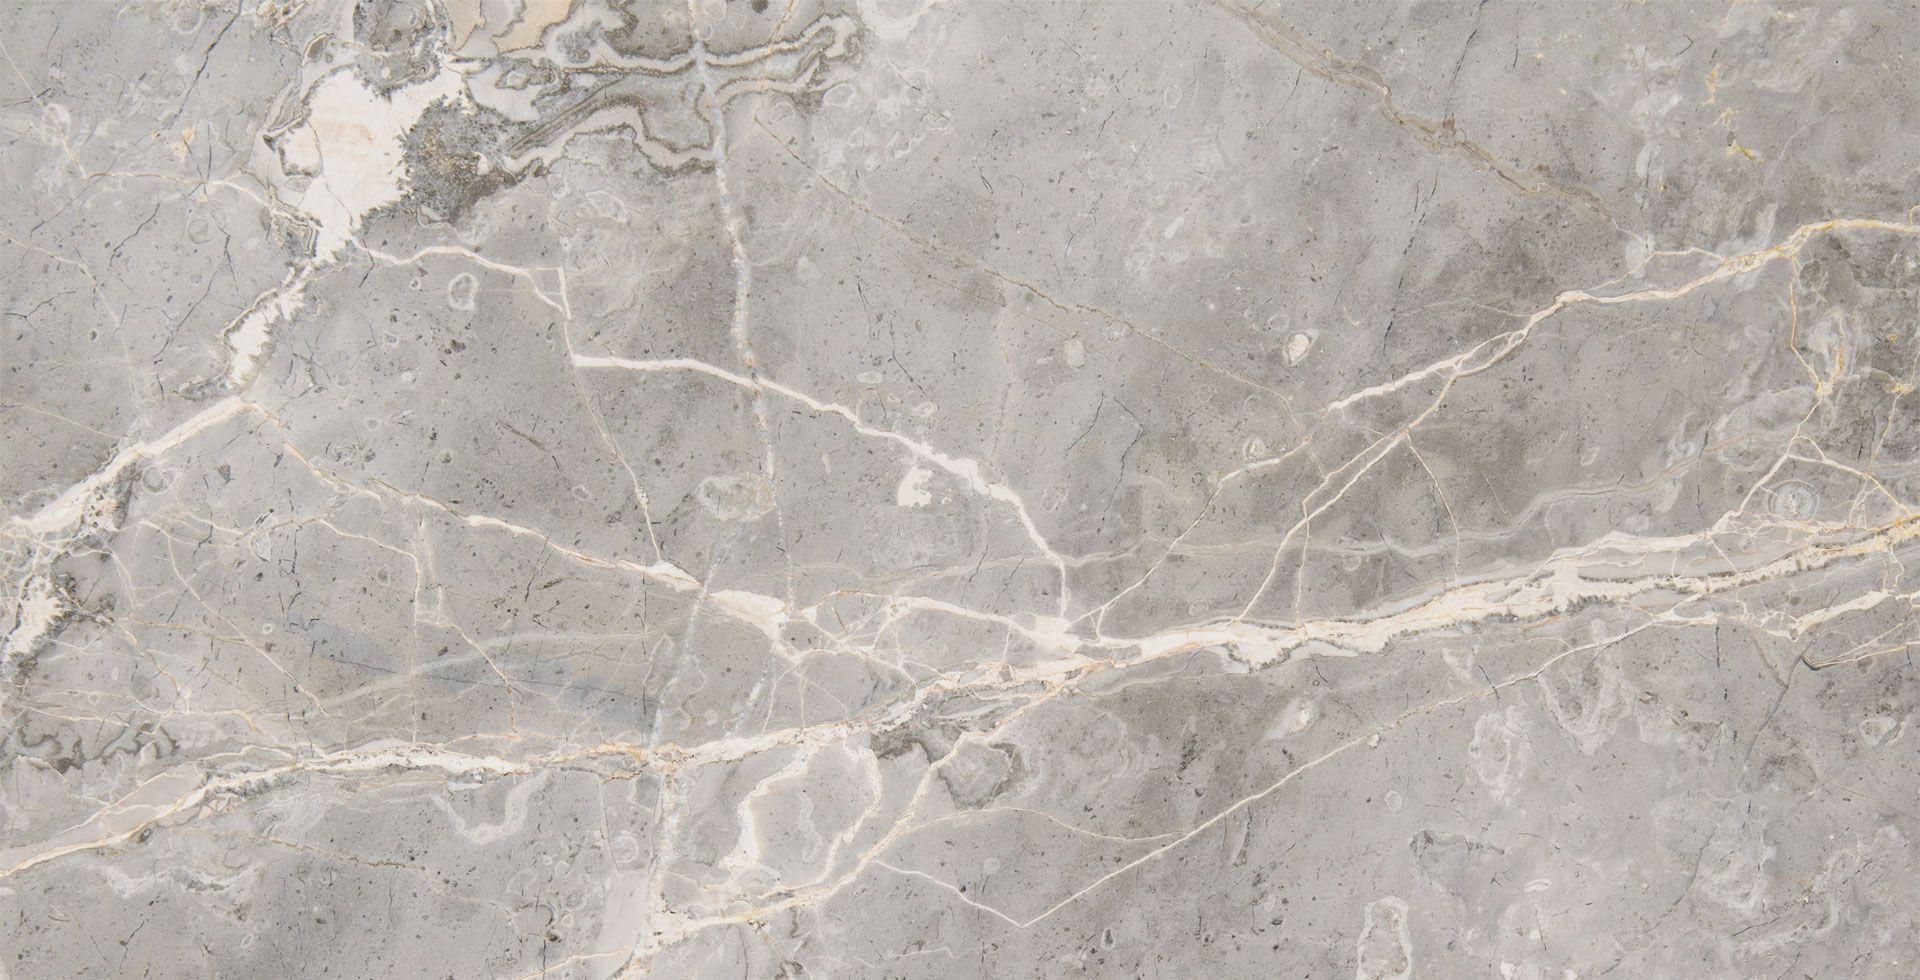 Fior Di Bosco Grey Grey Fleury Gruppo Tosco Marmi